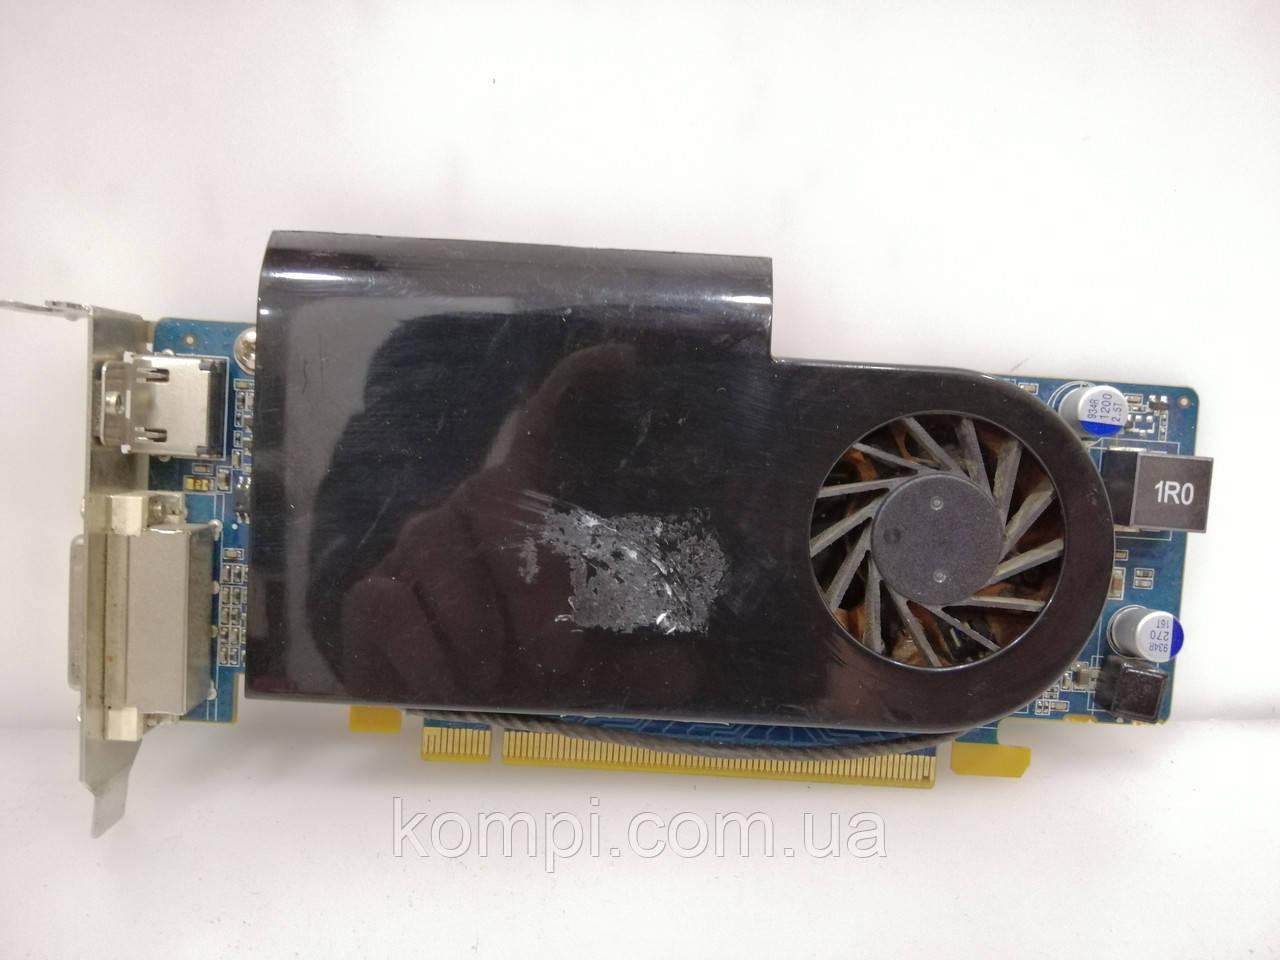 Видеокарта NVIDIA GT220 1GB PCI-E низькопрофільна!!!